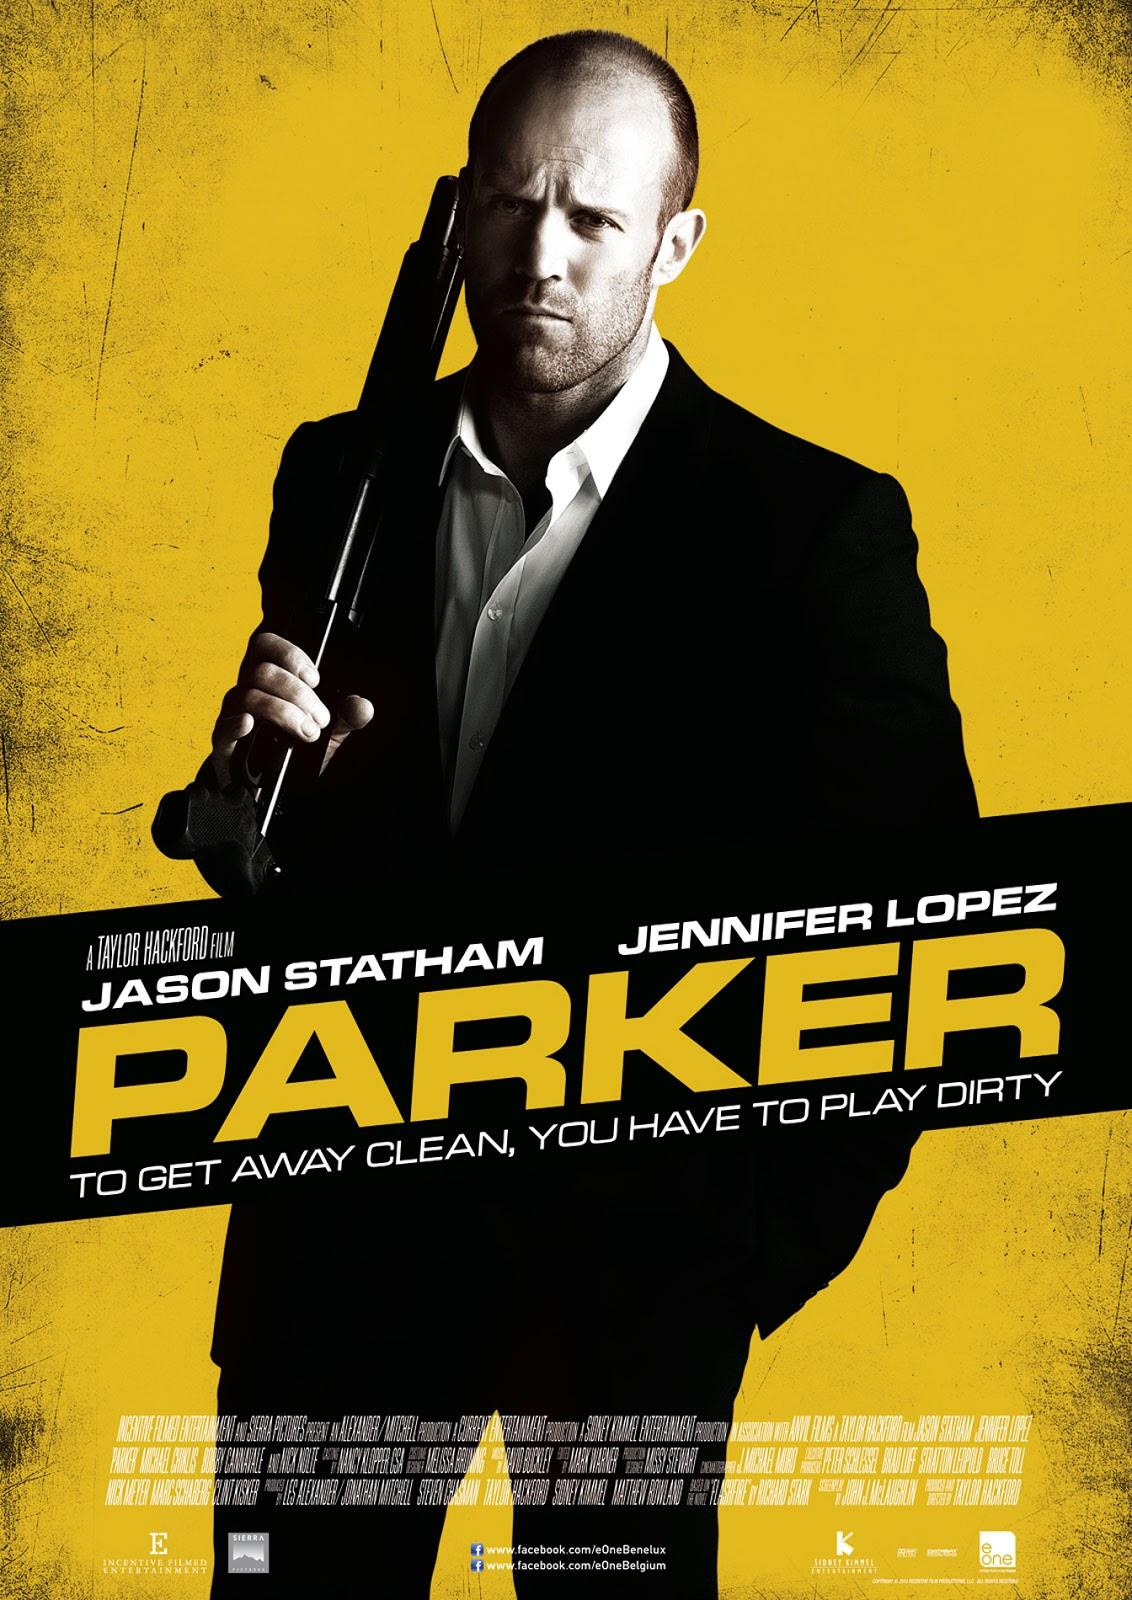 http://2.bp.blogspot.com/-T3oIRN403uM/UPgsOO8yn4I/AAAAAAAAHCQ/RszMFRn6w3E/s1600/Parker-Jason-Statham-HD-Wallpaper_Vvallpaper.Net.jpg